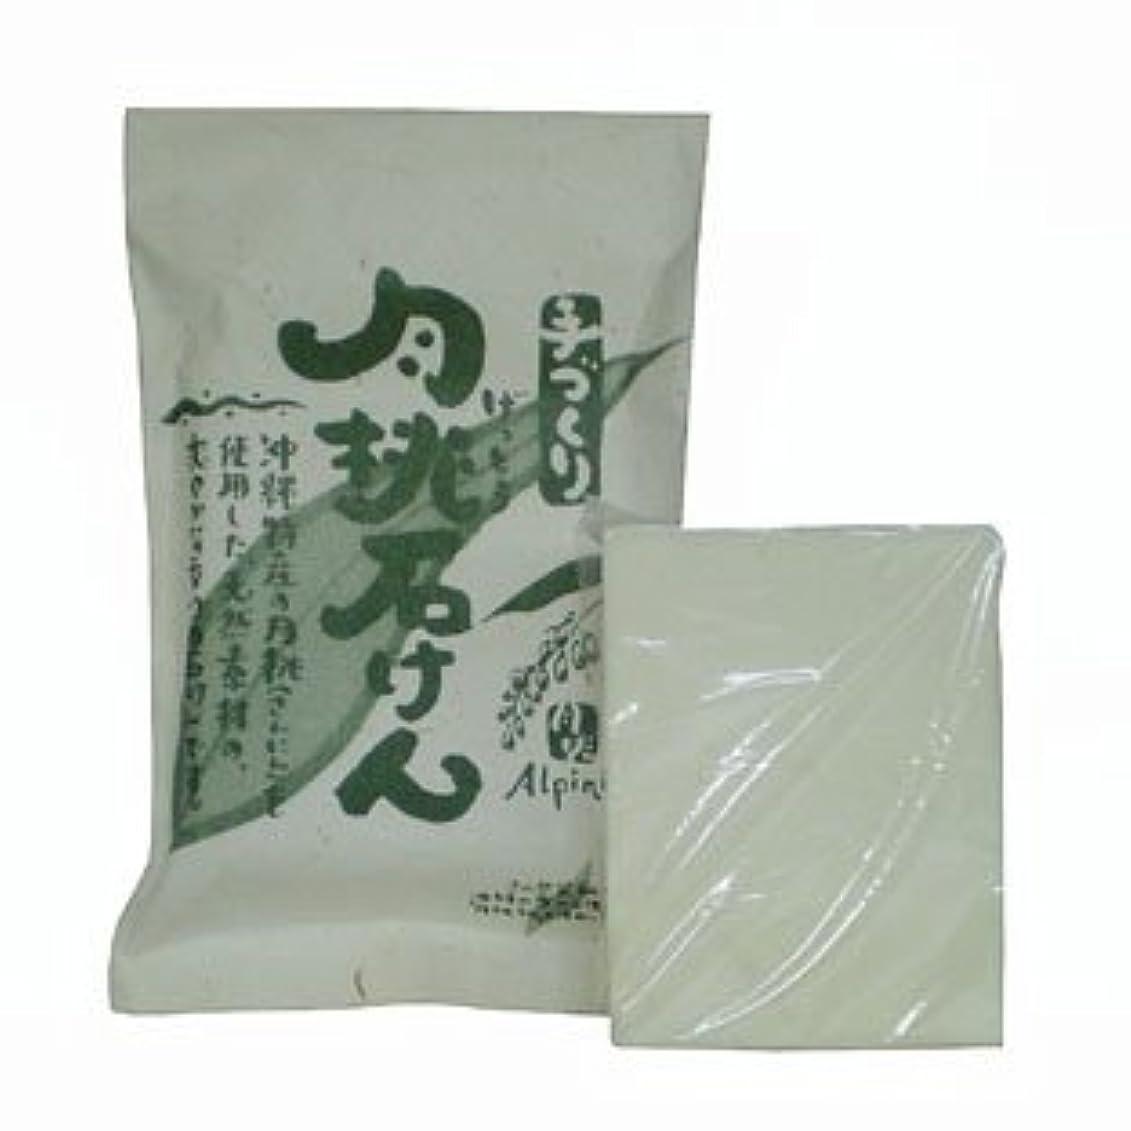 沖縄県産 月桃石けん/台所用石鹸(100g)